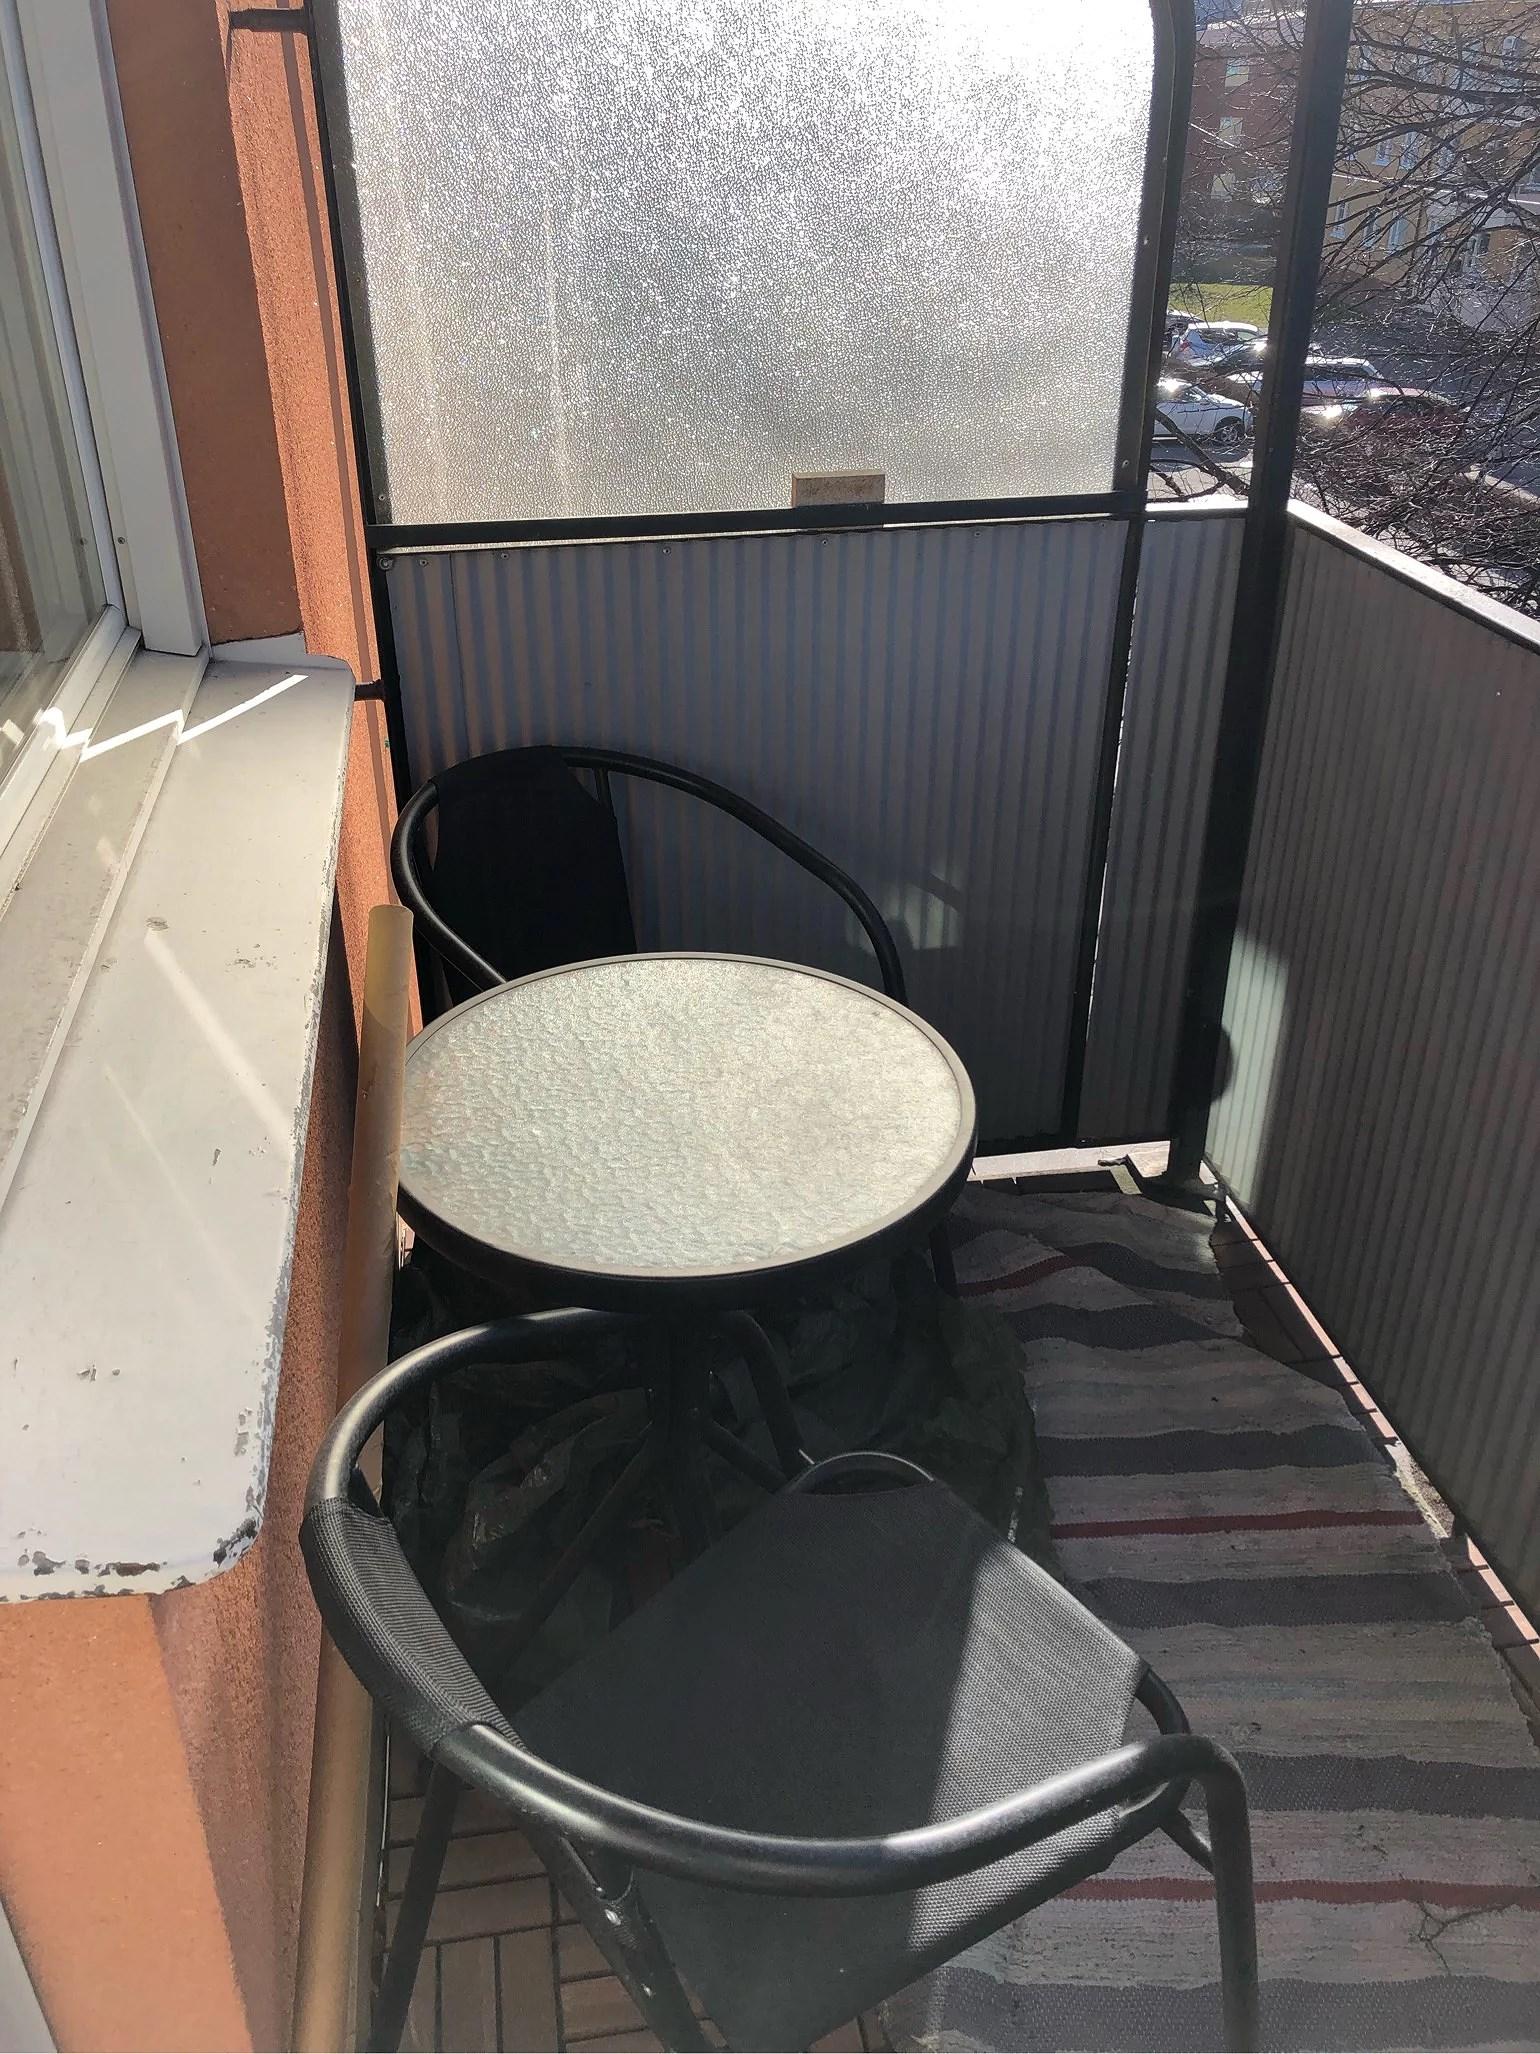 Fixa balkongen